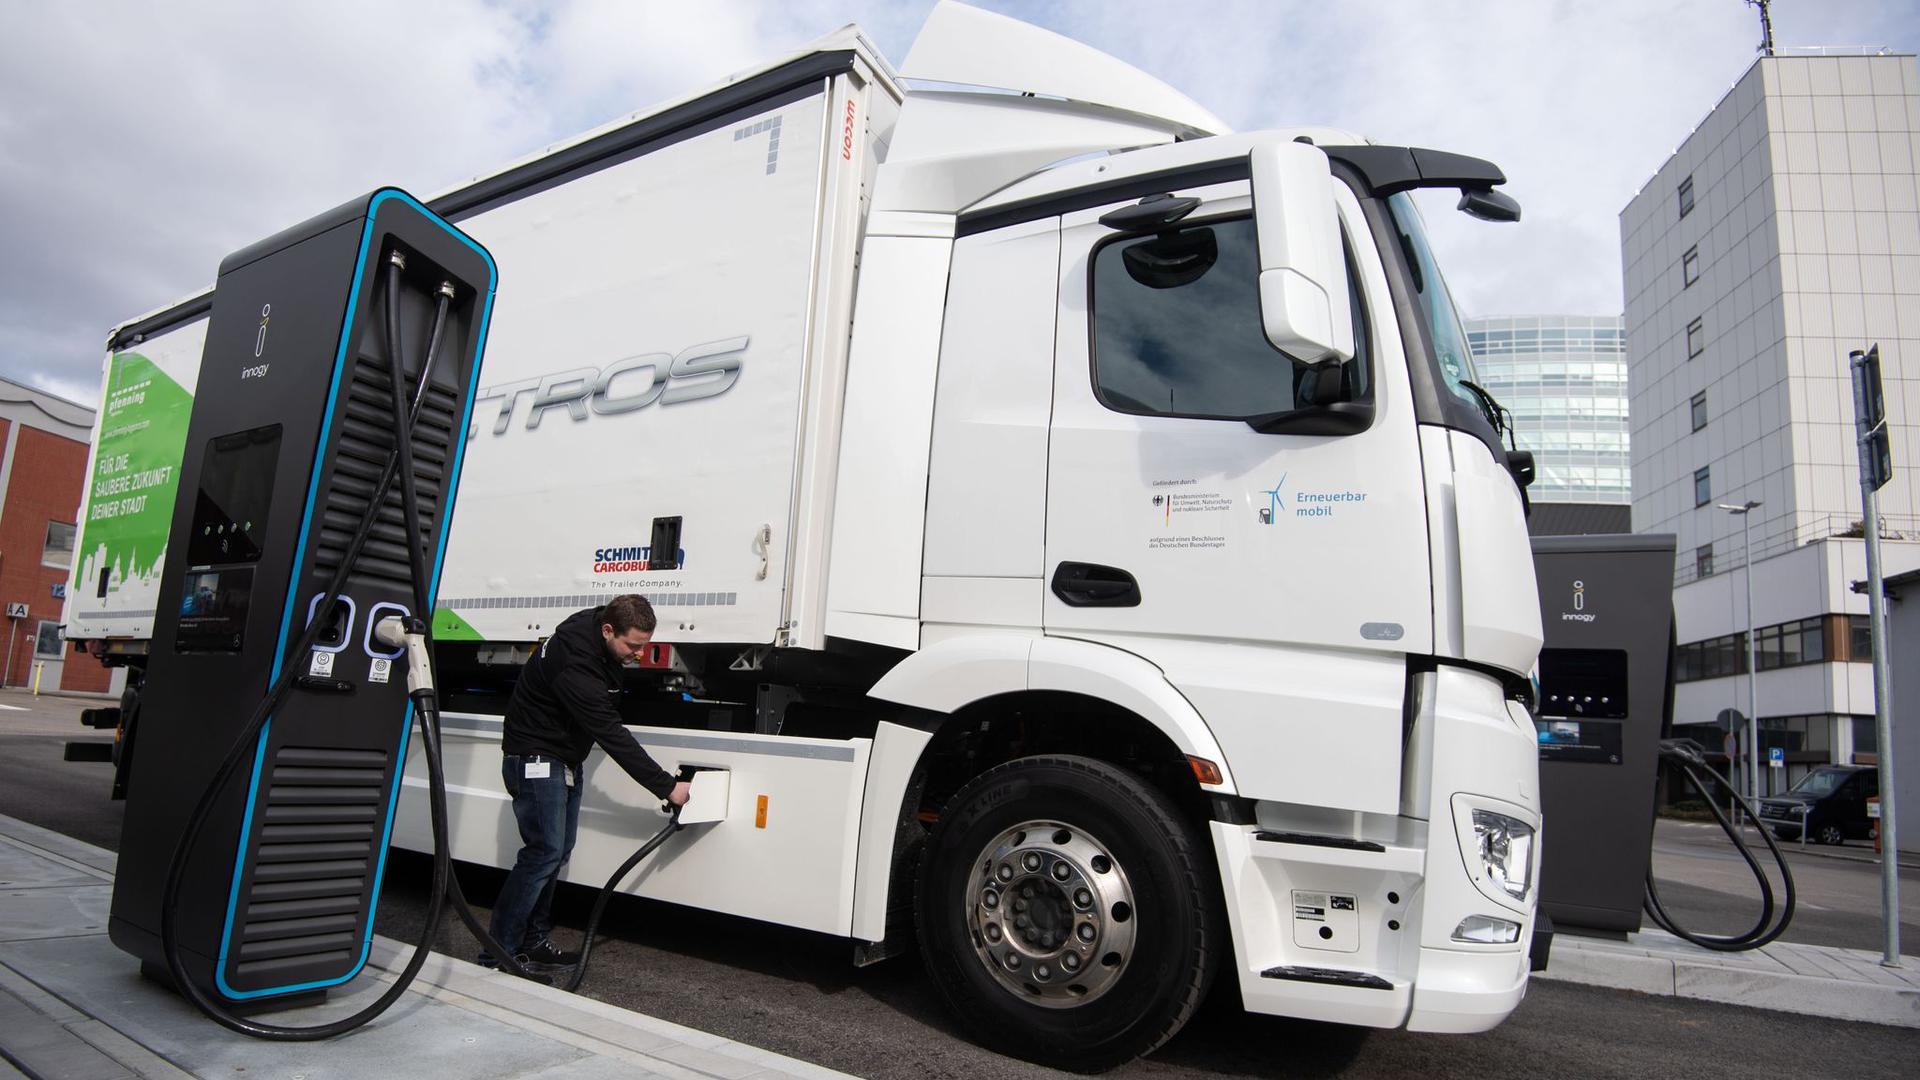 Ein Mitarbeiter der Daimler AG steckt einen Ladestecker in einen elektrisch angetriebenen Mercedes-Benz eActros.